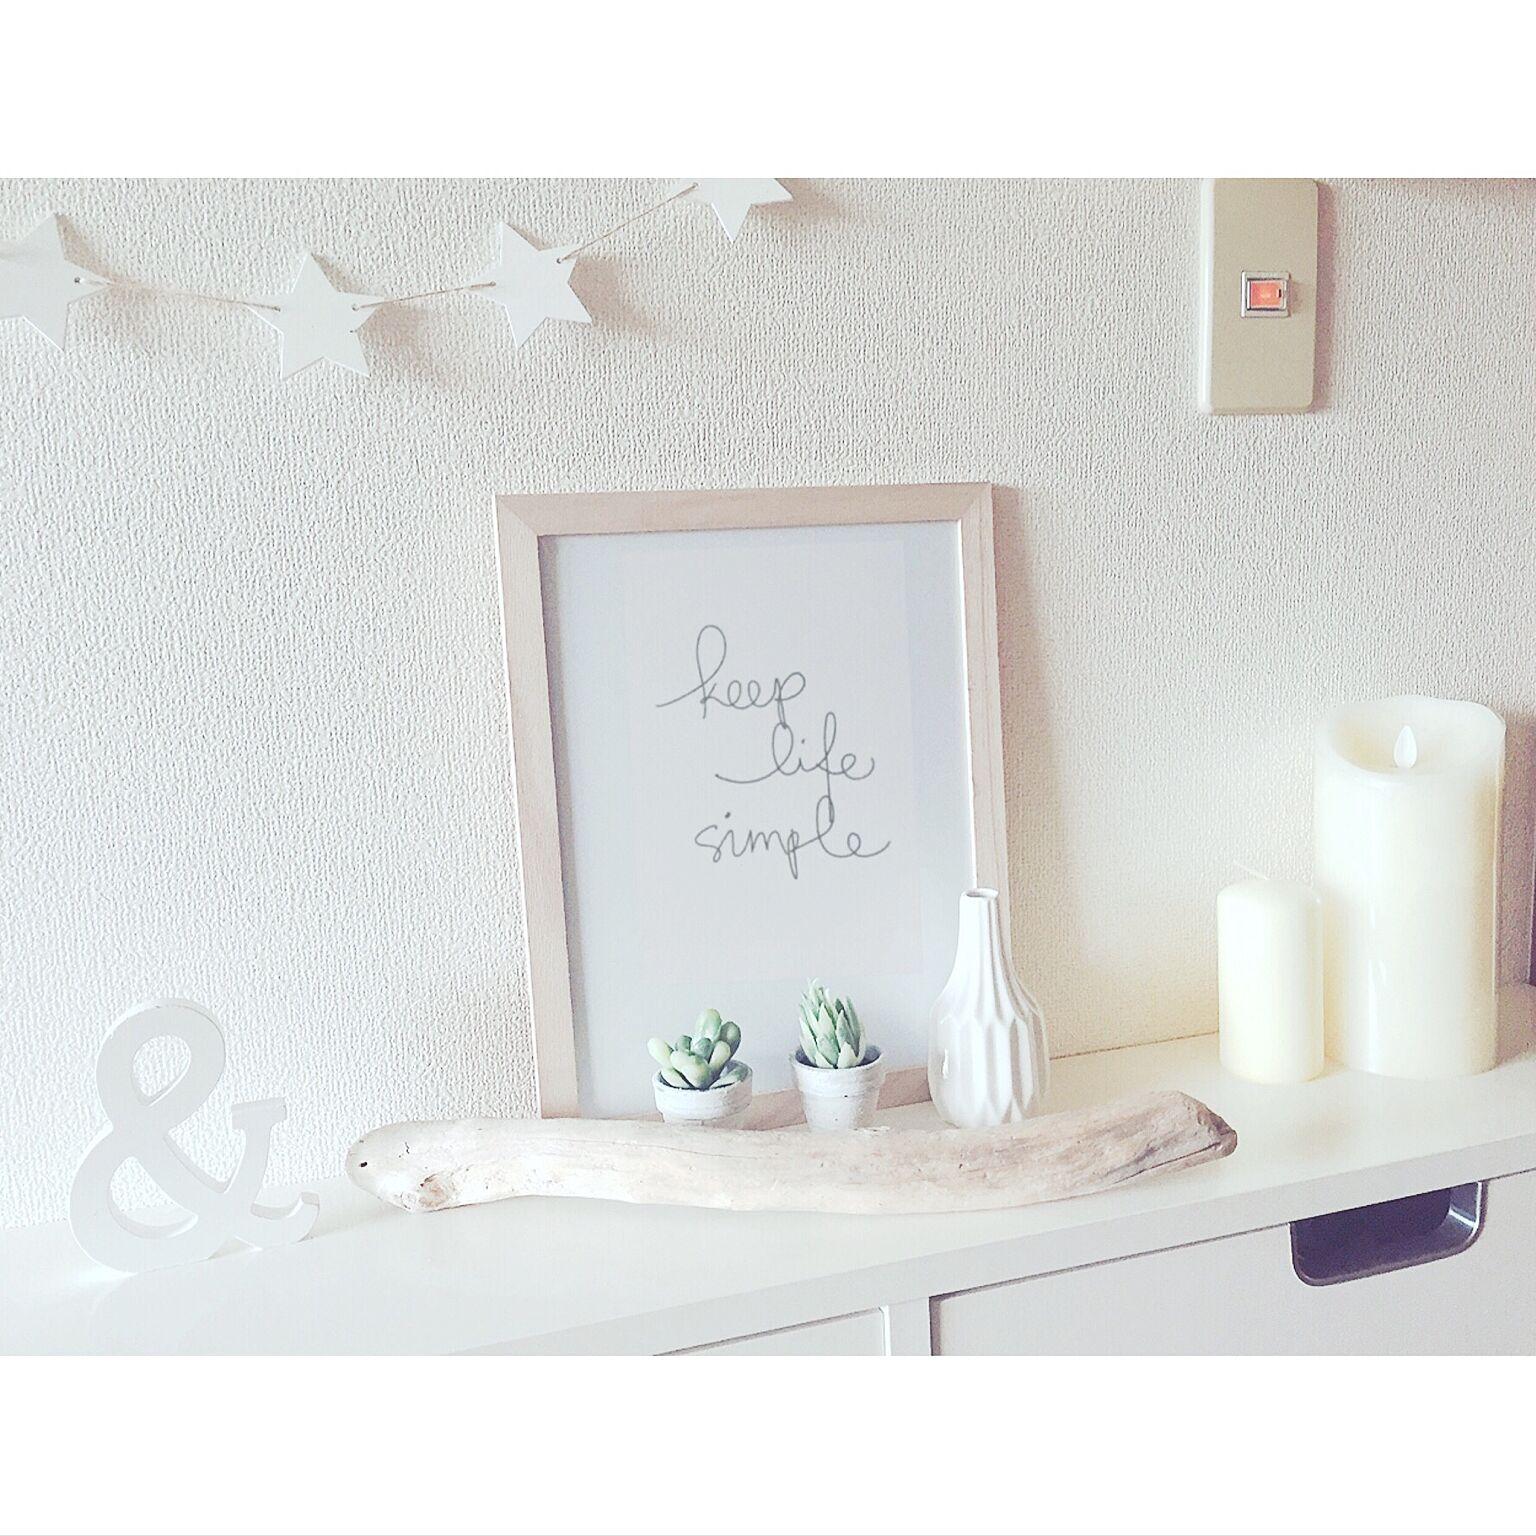 オブジェとして花瓶だけで飾っても可愛いですね♪白で統一された爽やかなオブジェコーナーは春インテリアにピッタリです♡